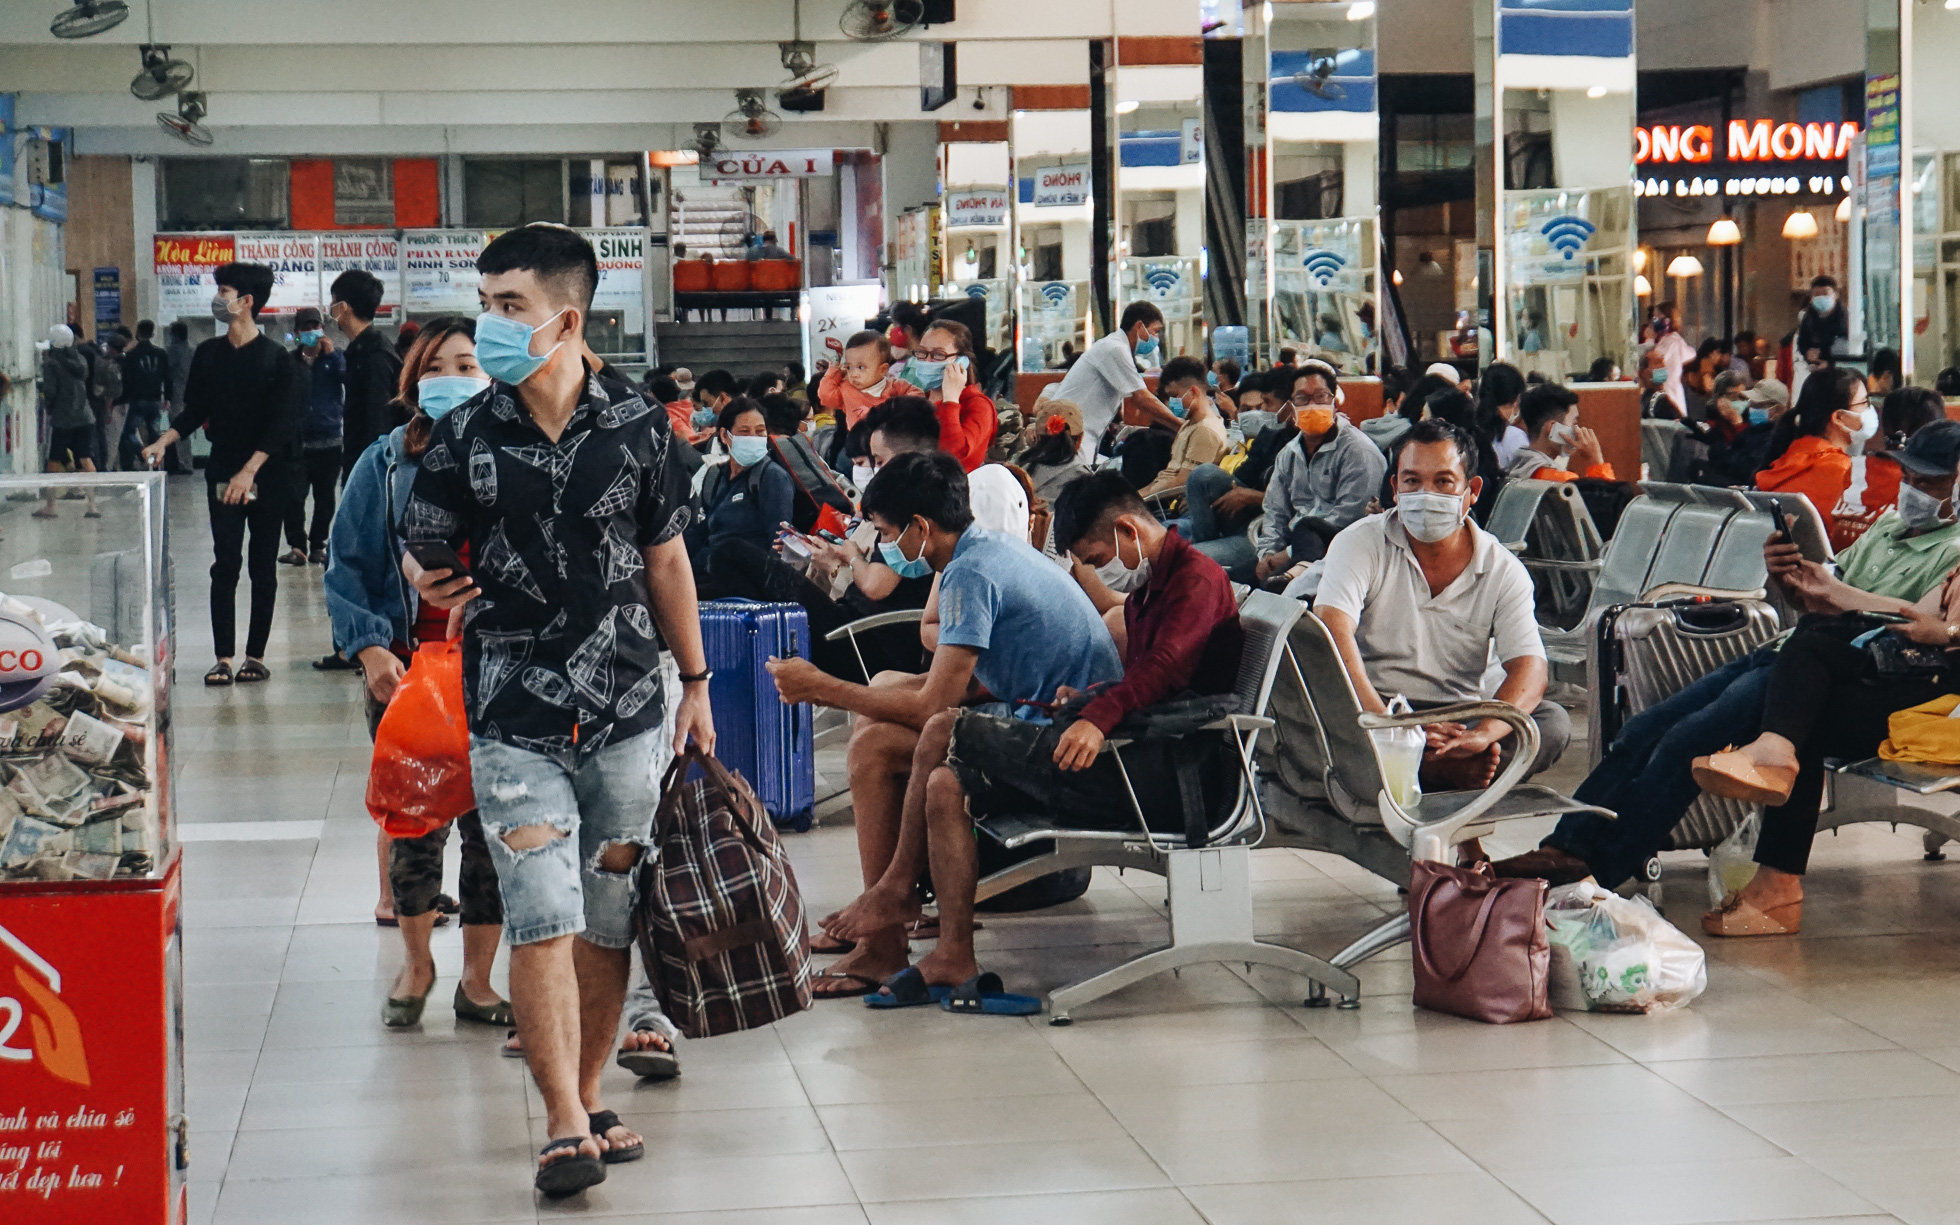 Nhiều sinh viên ở Sài Gòn tranh thủ về quê vì được nghỉ học, bến xe miền Đông tái kích hoạt phòng chống dịch Covid-19